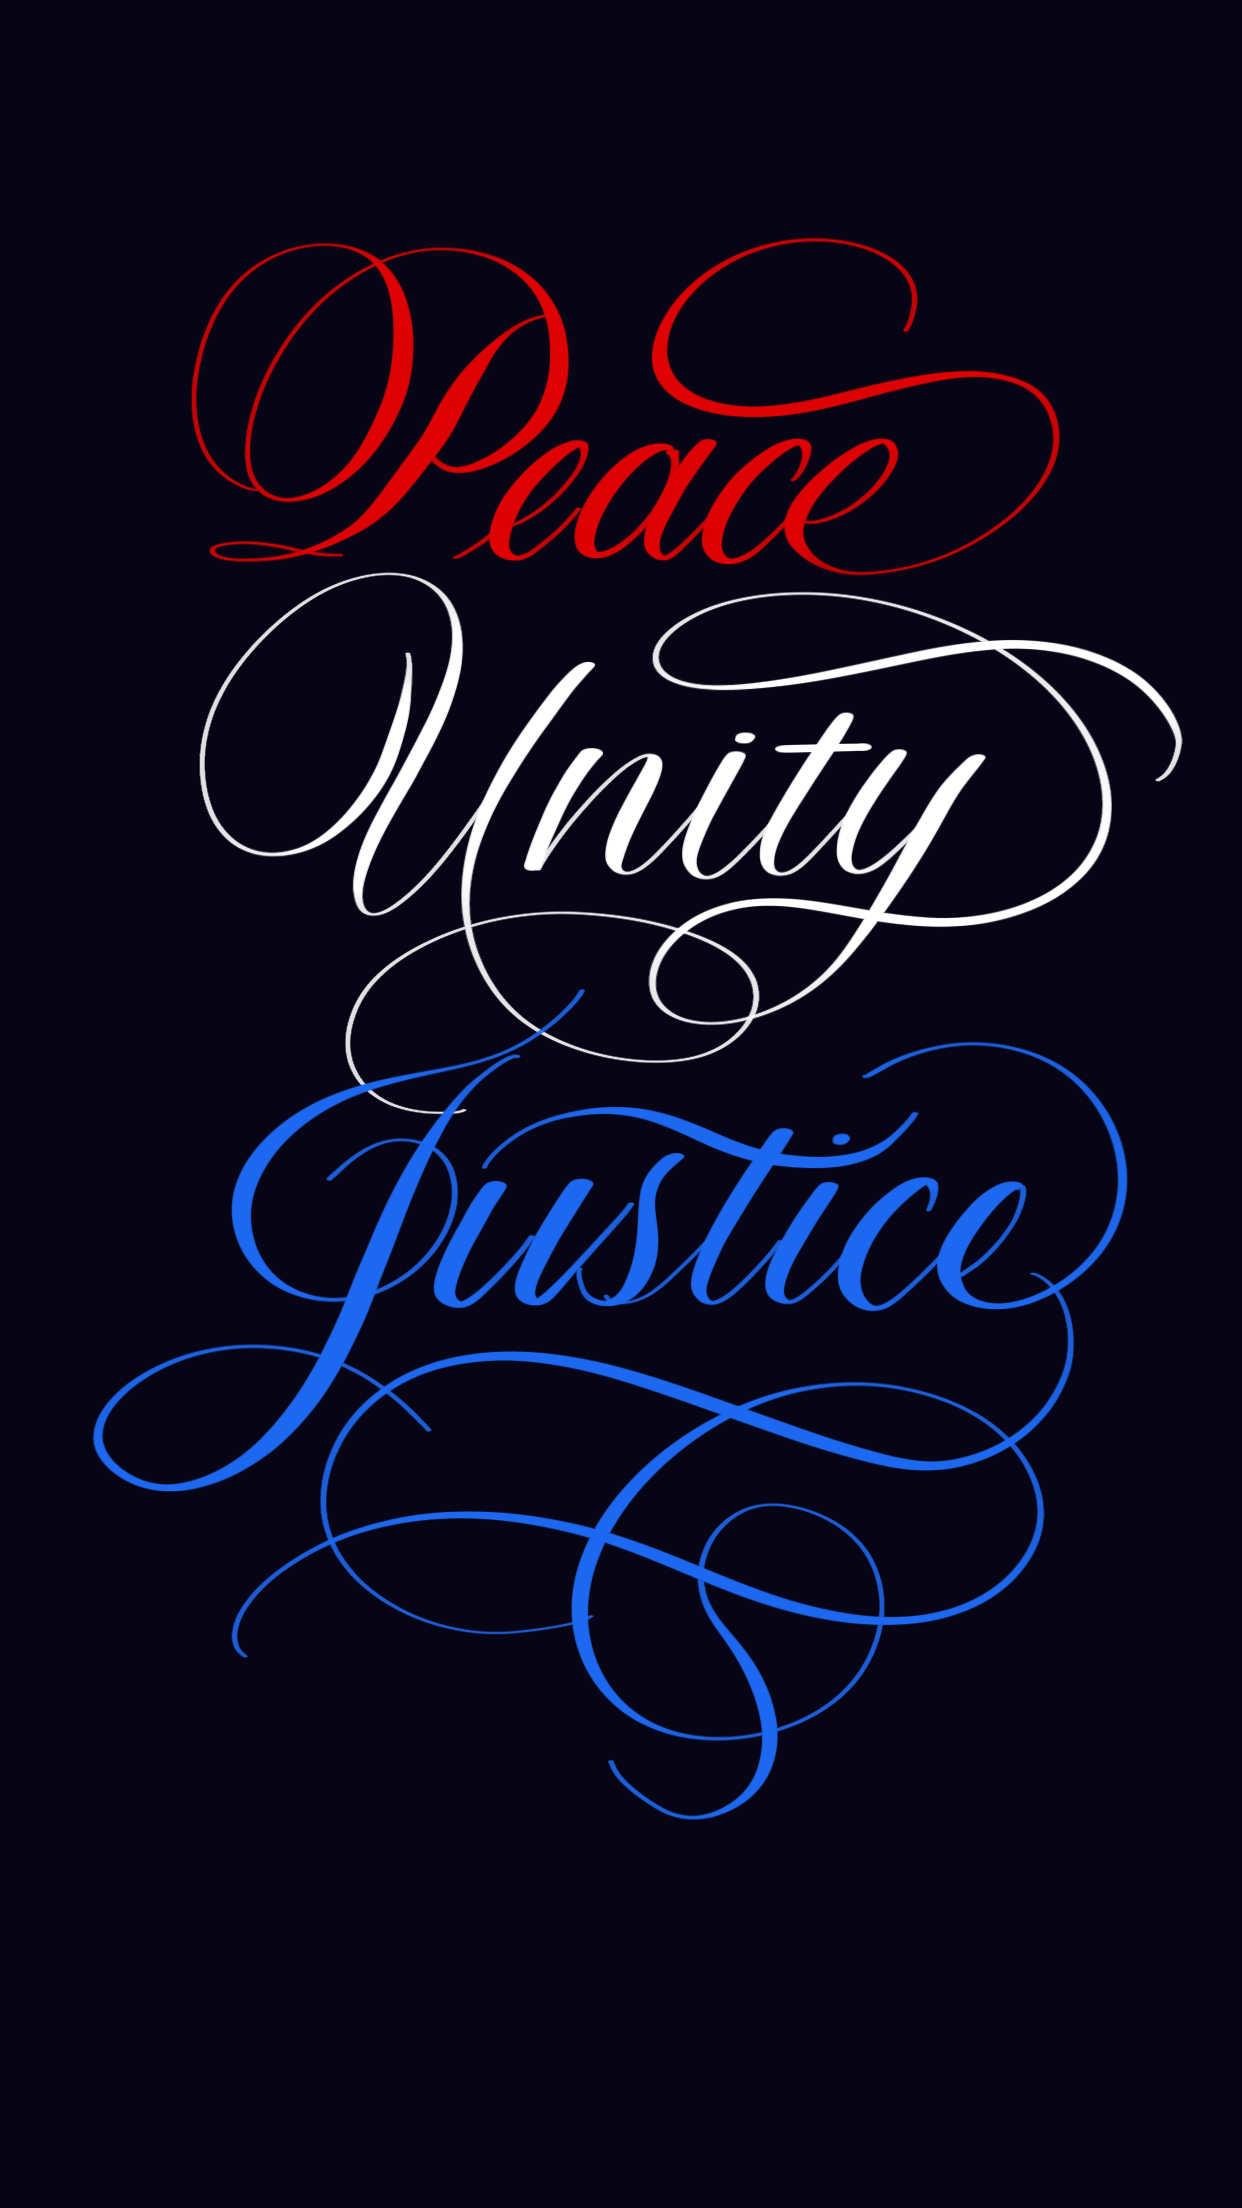 Peace Unity Justice